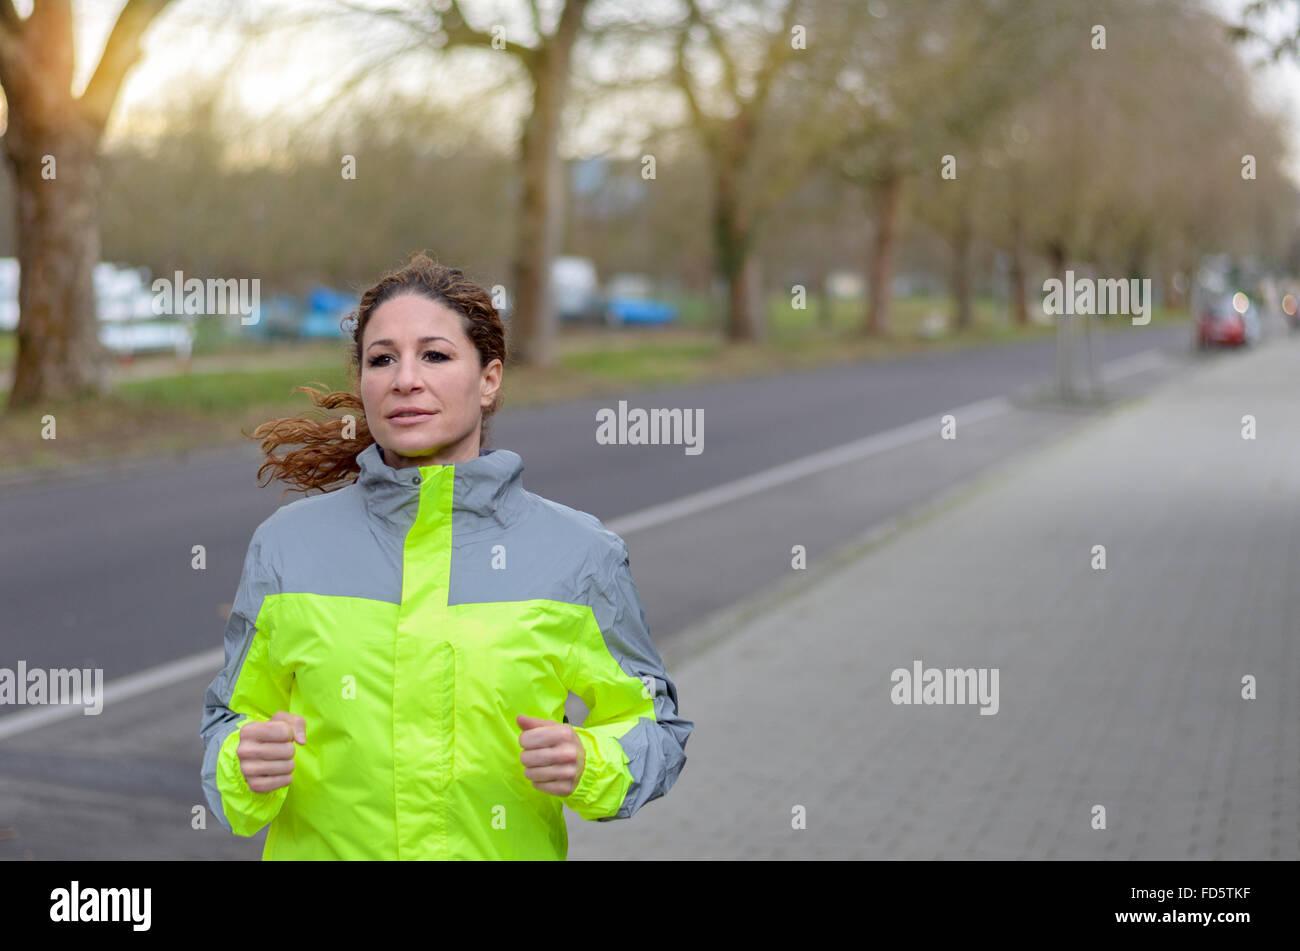 Determinata donna jogging lungo una strada in un GIUBBETTO ALTA VISIBILITA passando davanti alla telecamera con Immagini Stock